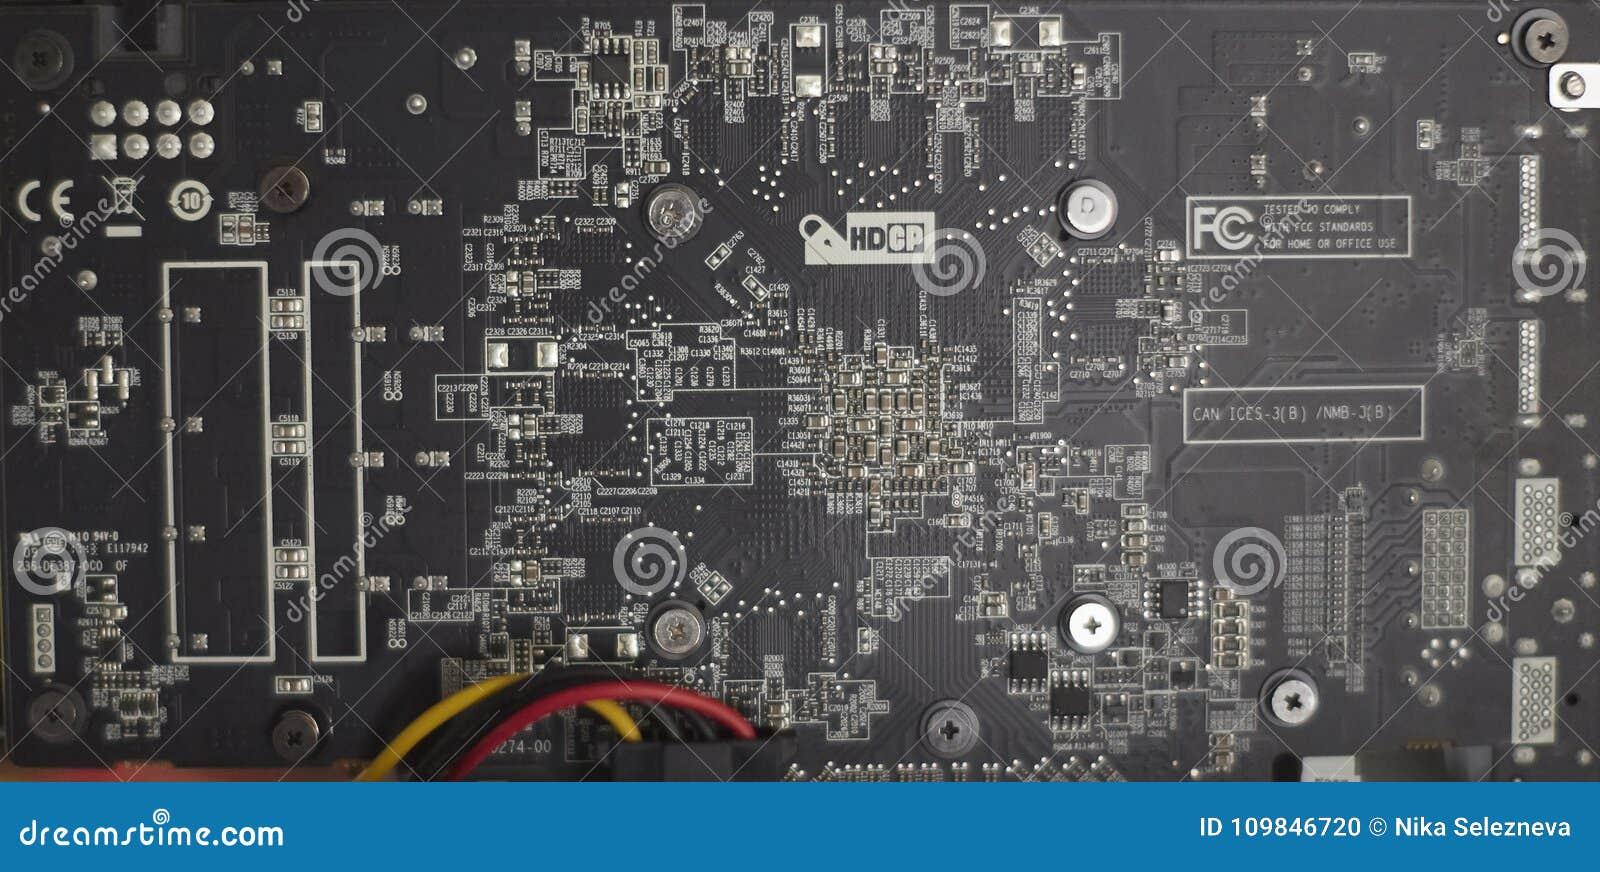 Εγκατάσταση γεώτρησης μεταλλείας Cryptocurrency που χρησιμοποιεί τις γραφικές κάρτες στο ορυχείο για το ψηφιακό cryptocurrency όπ